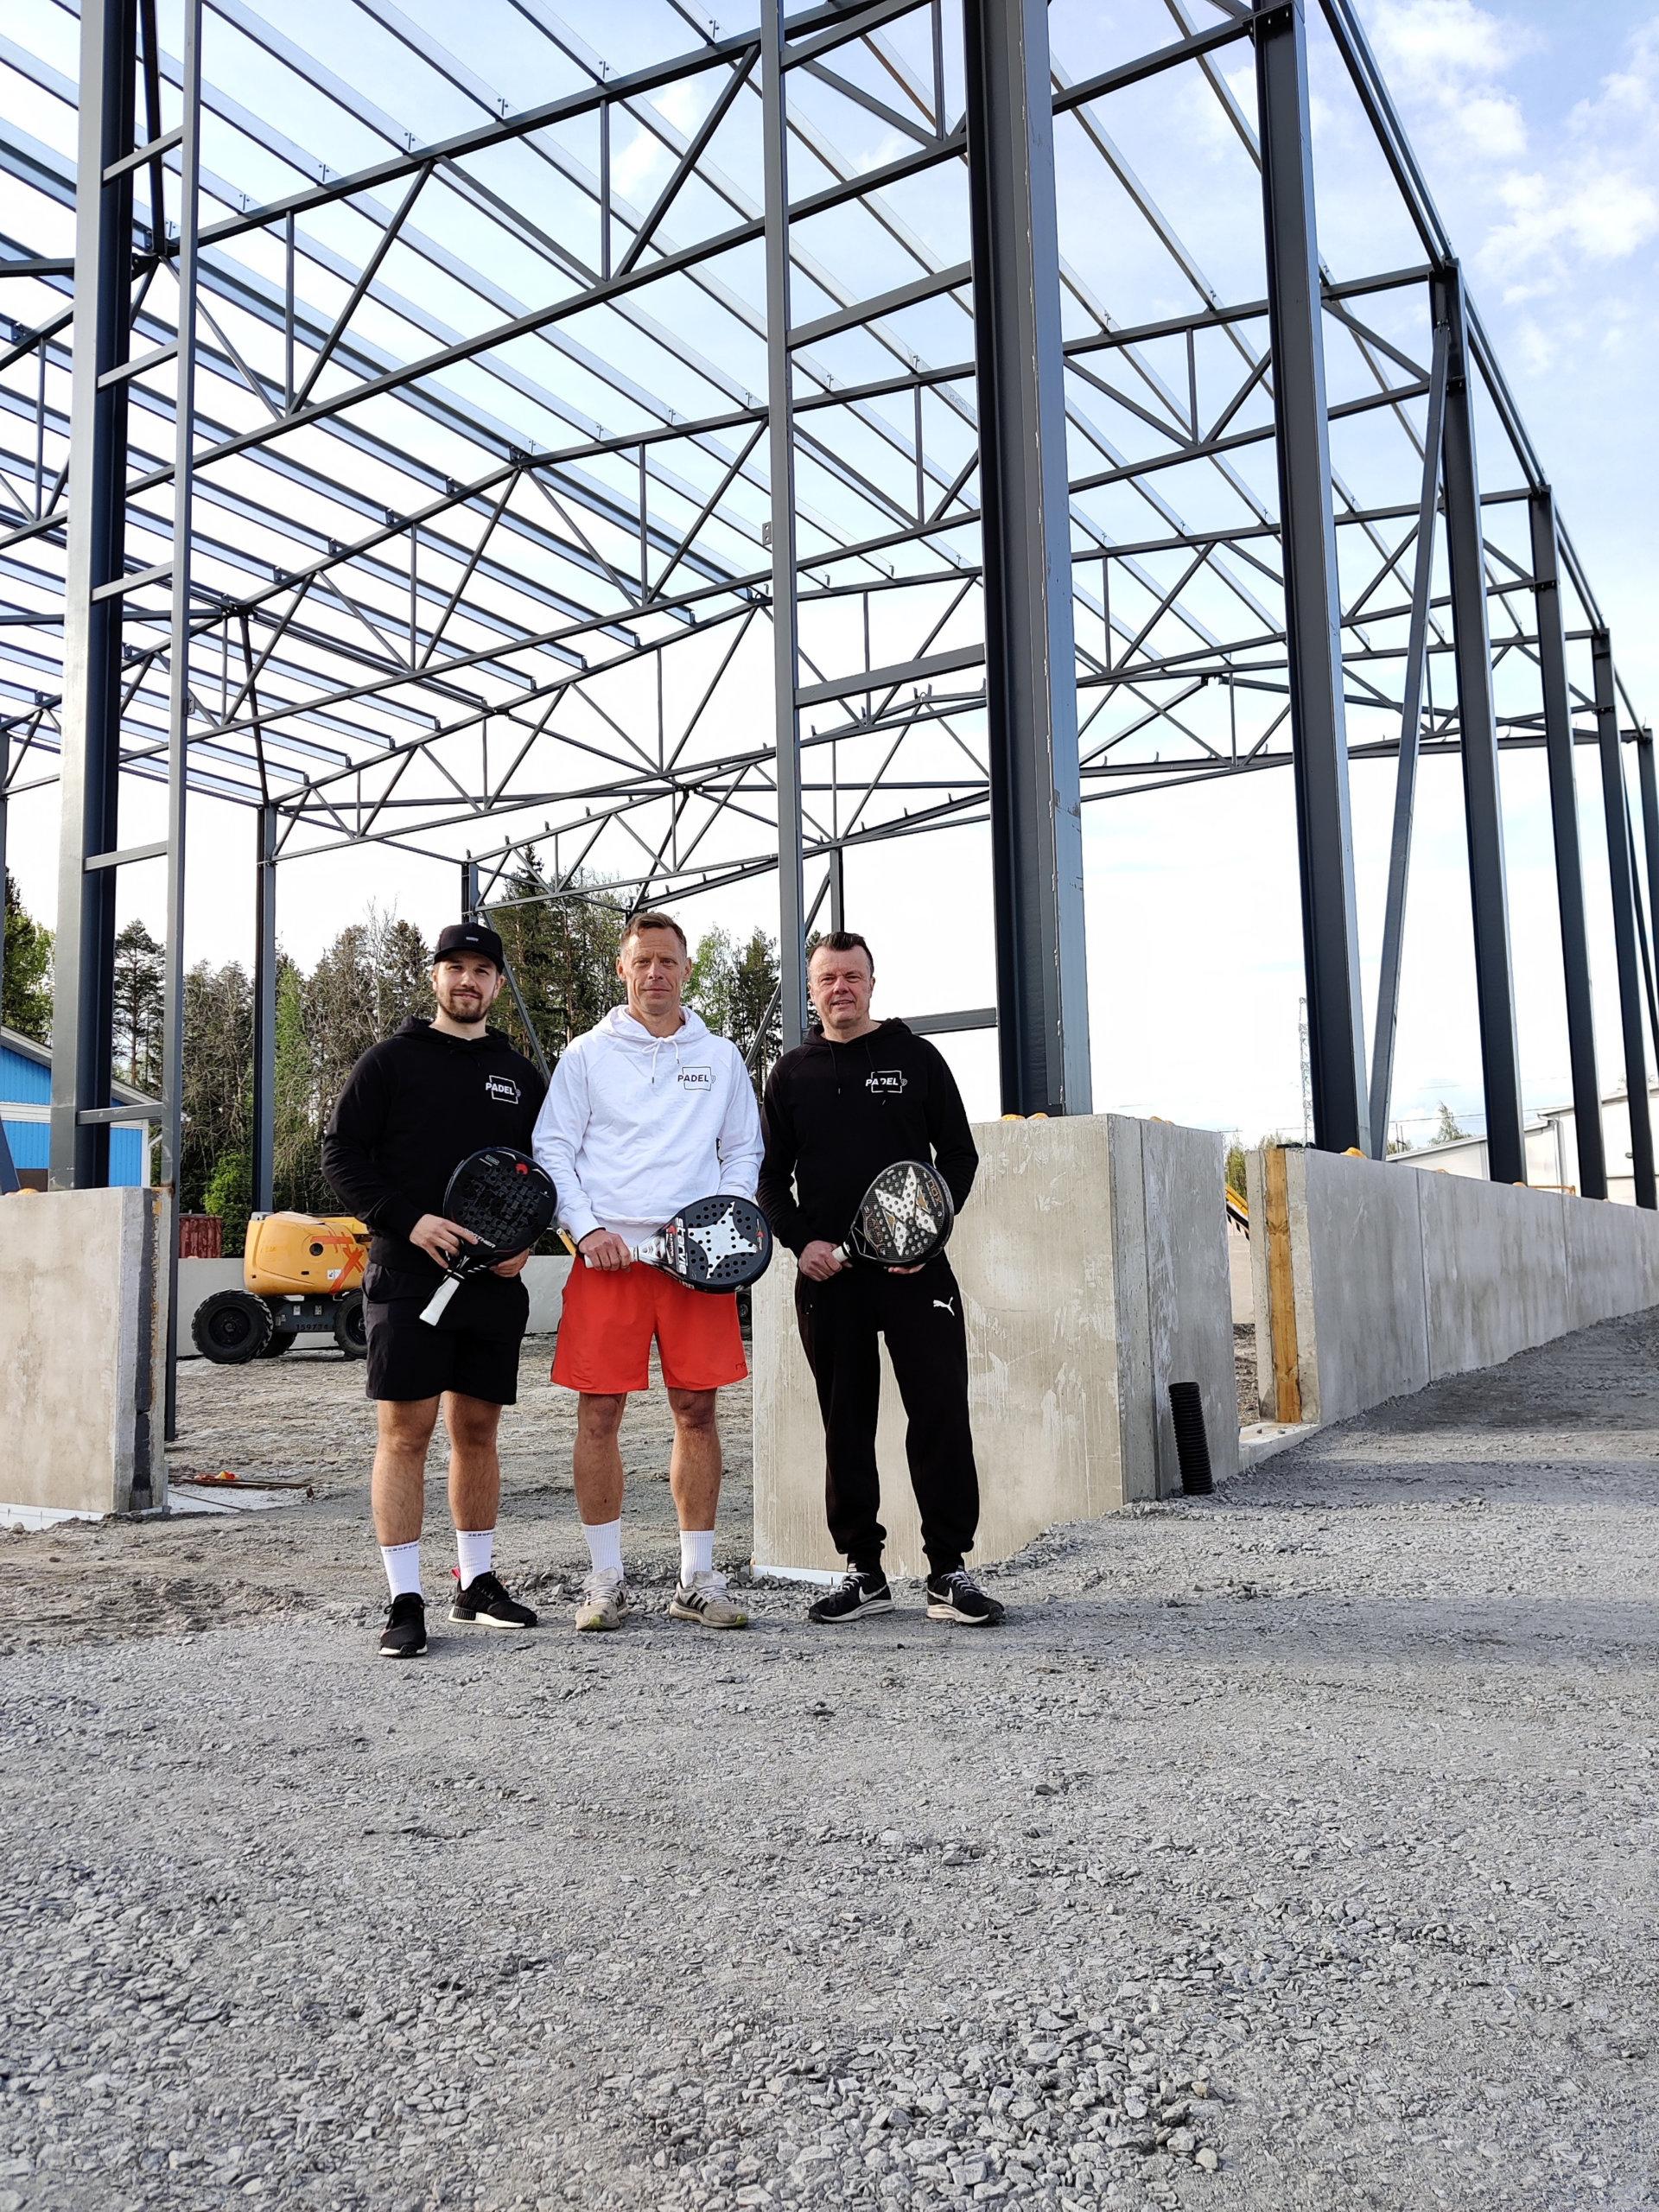 Padel 9 Oy avaa uuden kahden kentän padelhallin Kangasalan Aseman alueelle syksyllä 2021. Hankkeen takana ovat urheilumiehet Lauri Hukkanen, Jarkko Savenius ja Mikael Udelius.